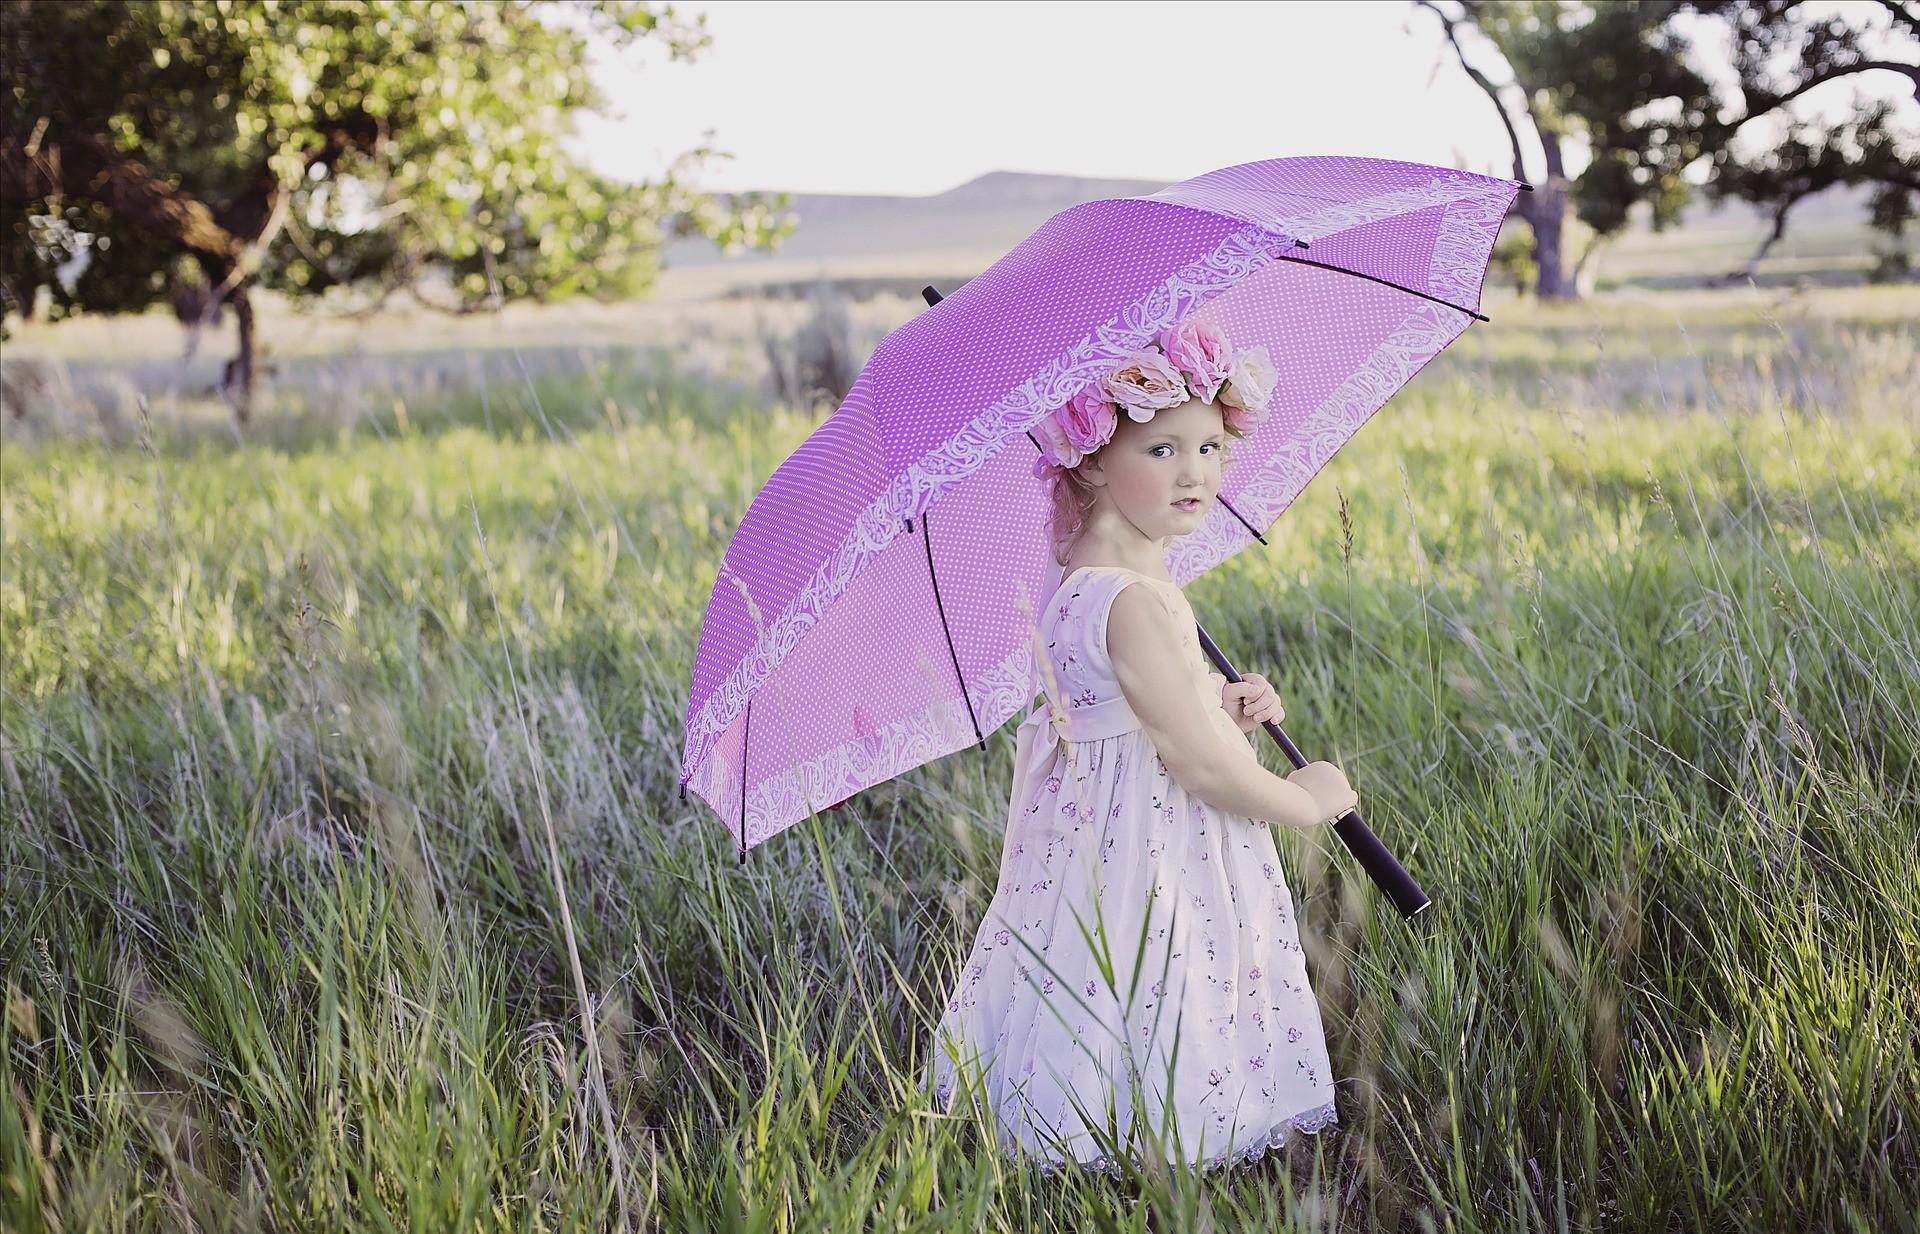 ▲▼雨傘,風衣(圖/取自Pixabay)